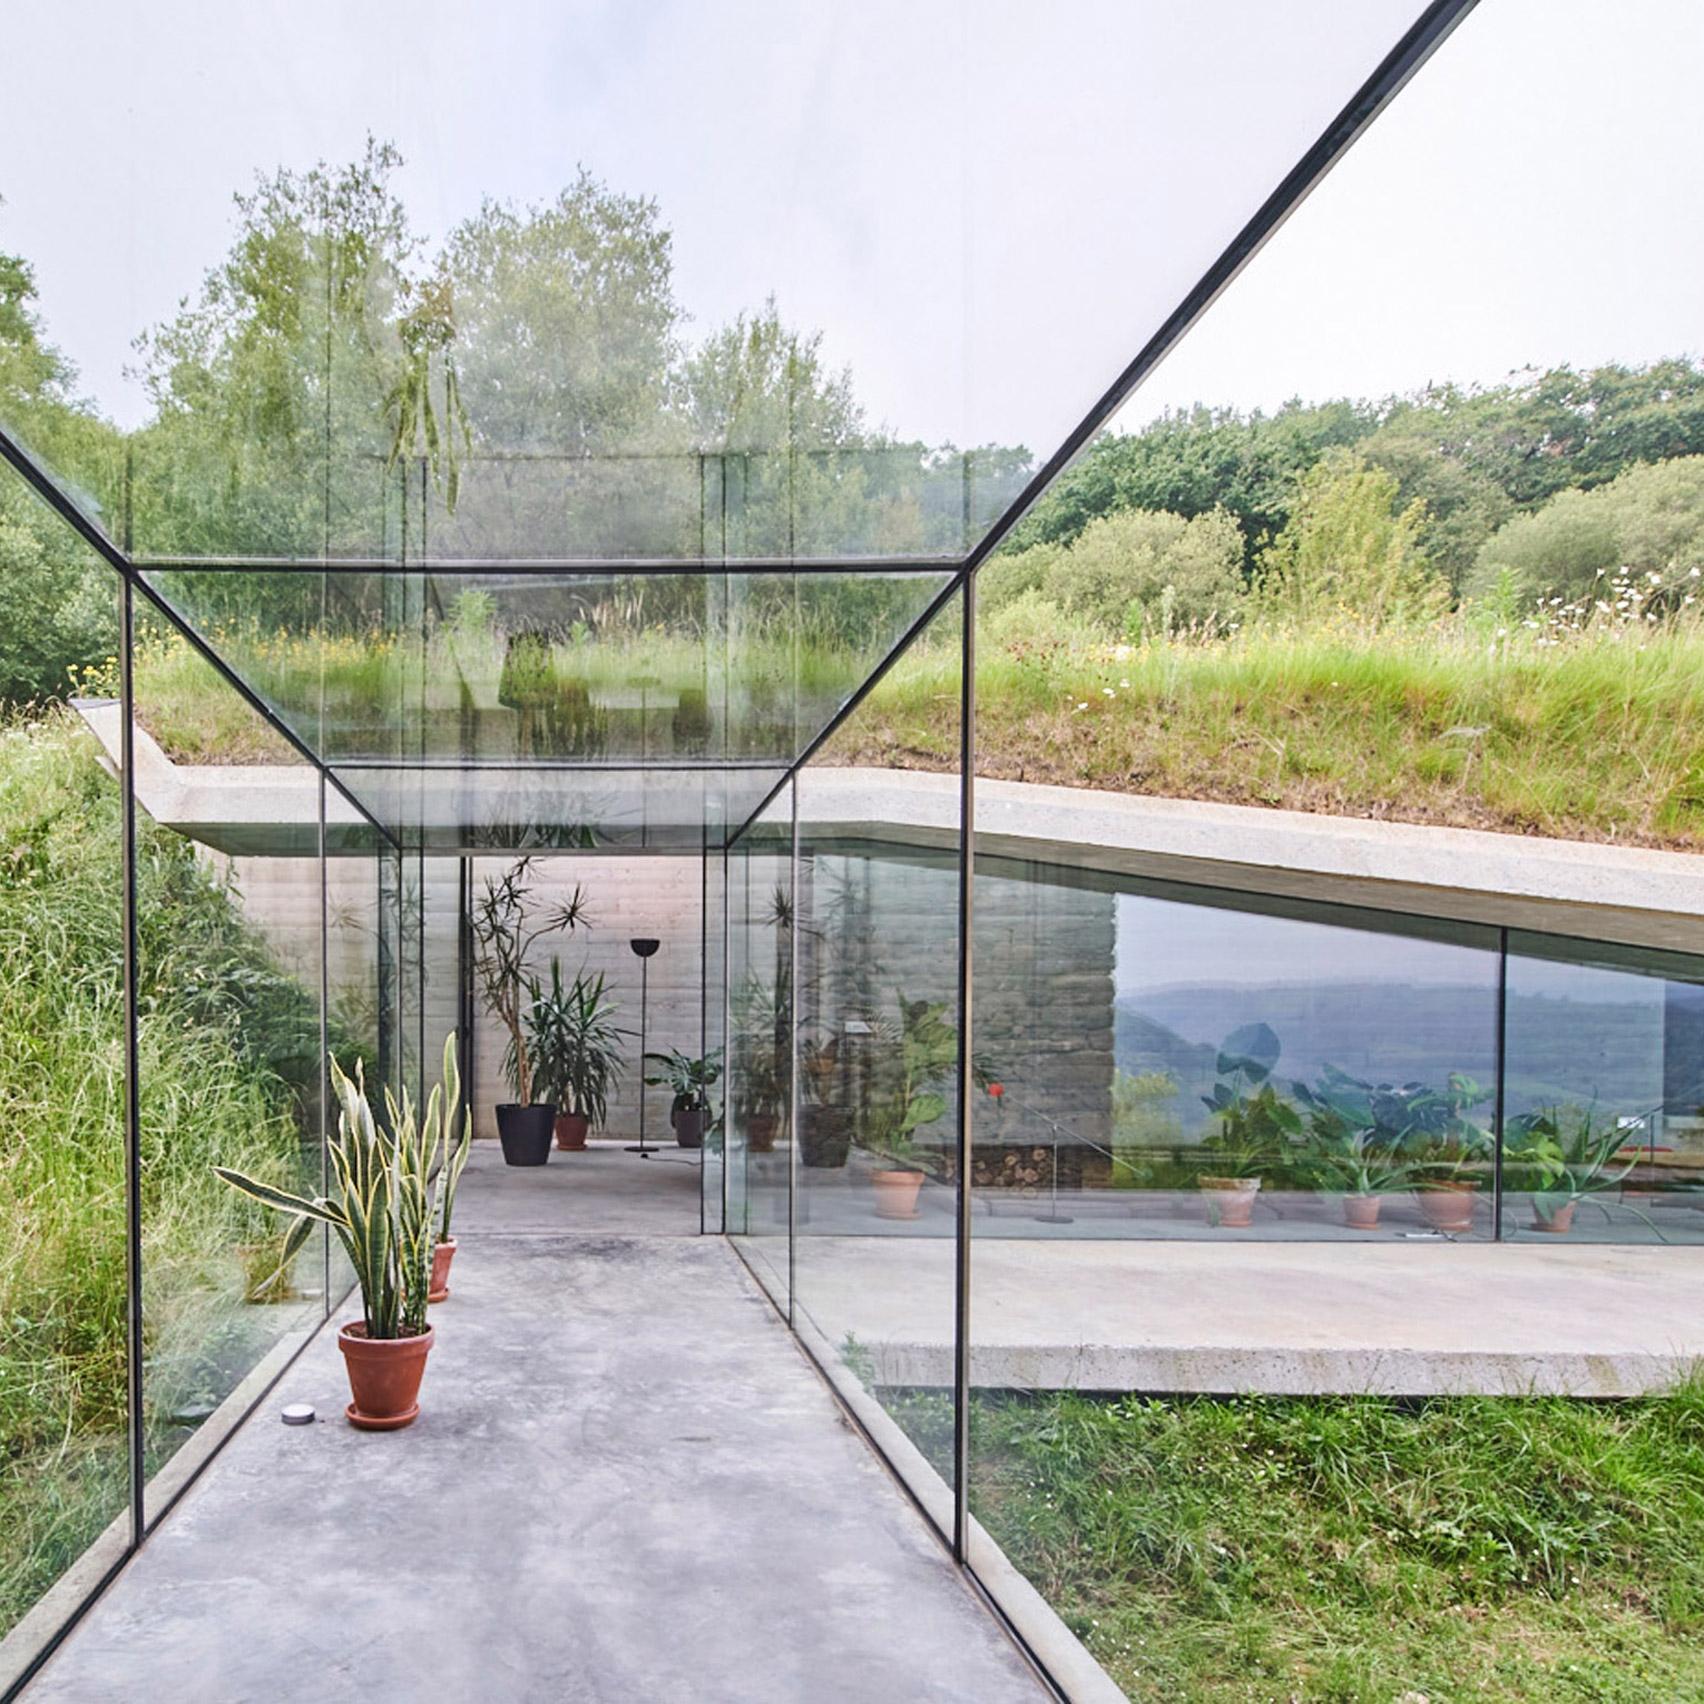 Шедевры архитектуры: 10 самых необычных домов мира, которые построили в 2020 году (ФОТО) - фото №5